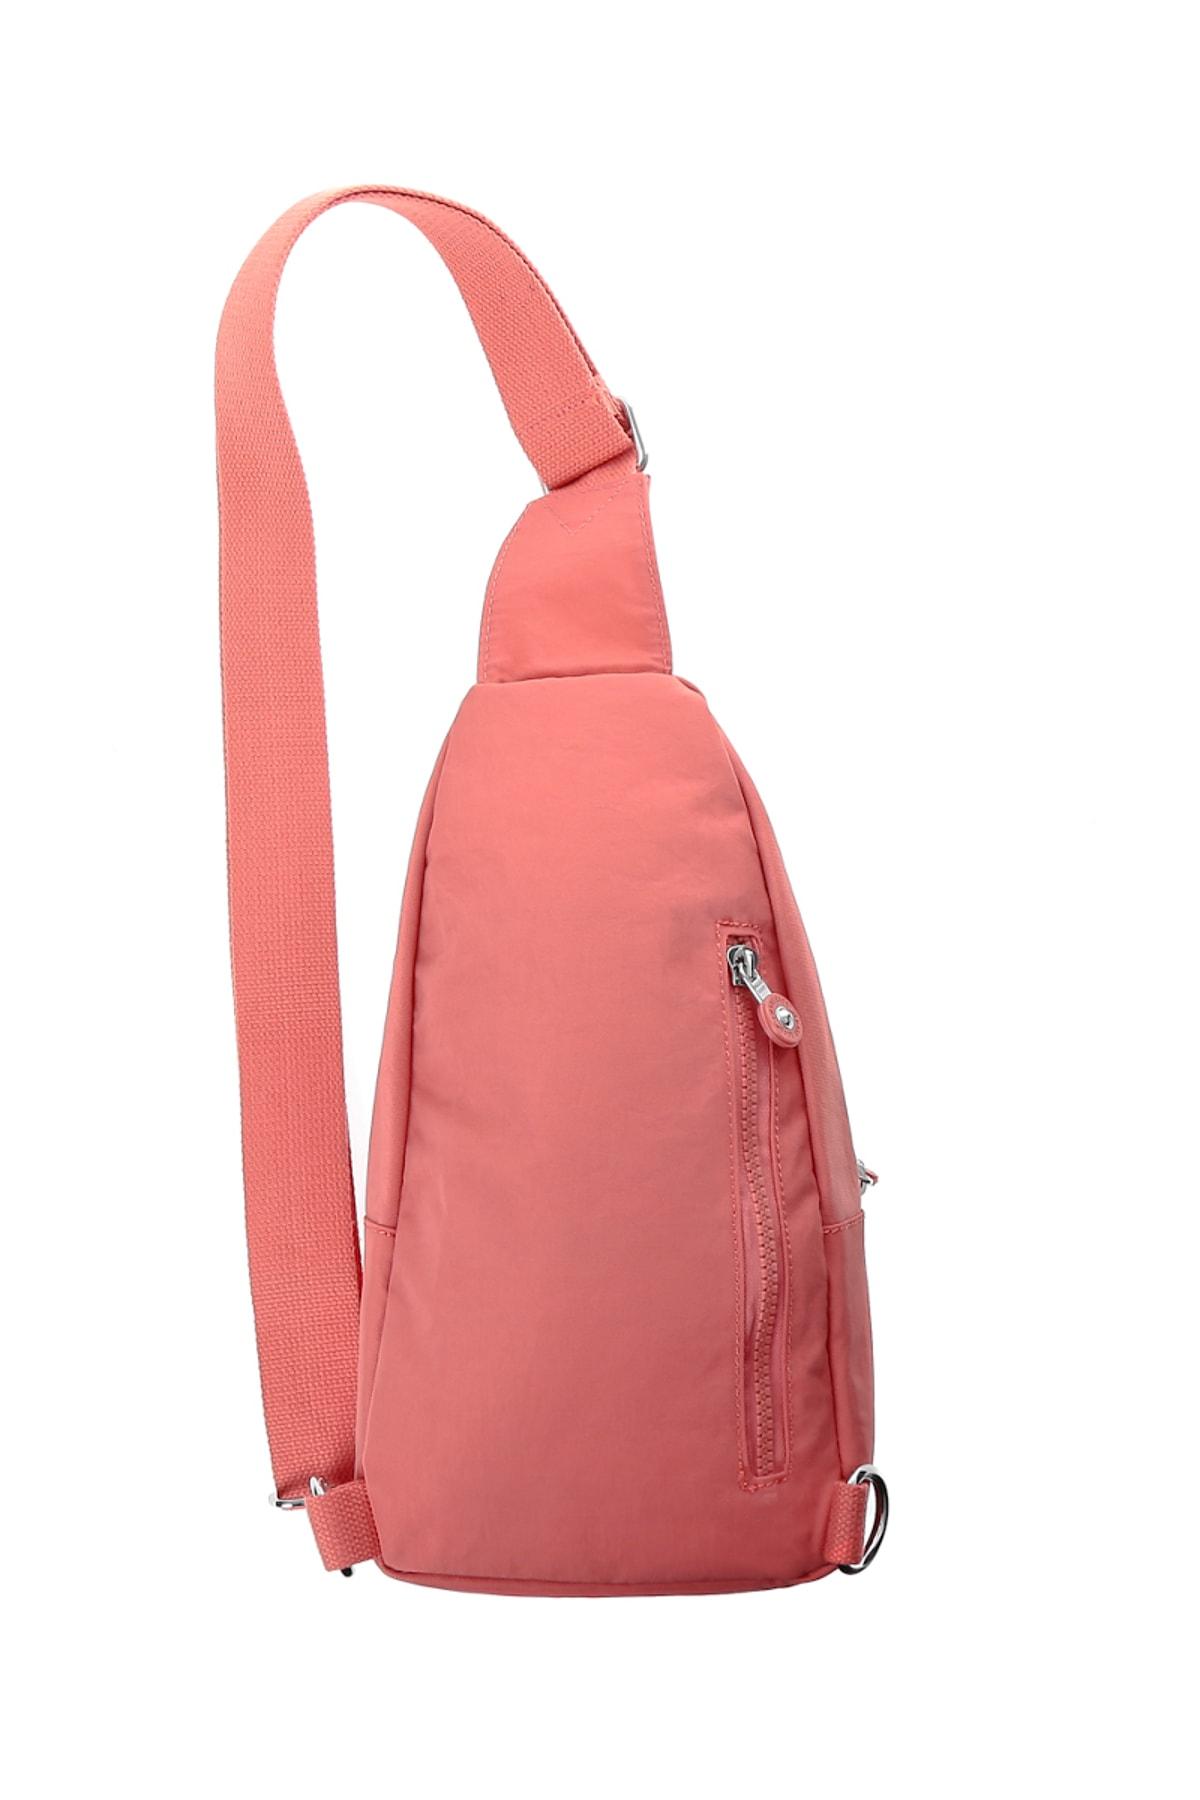 SMART BAGS Somon Kadın Çanta 2